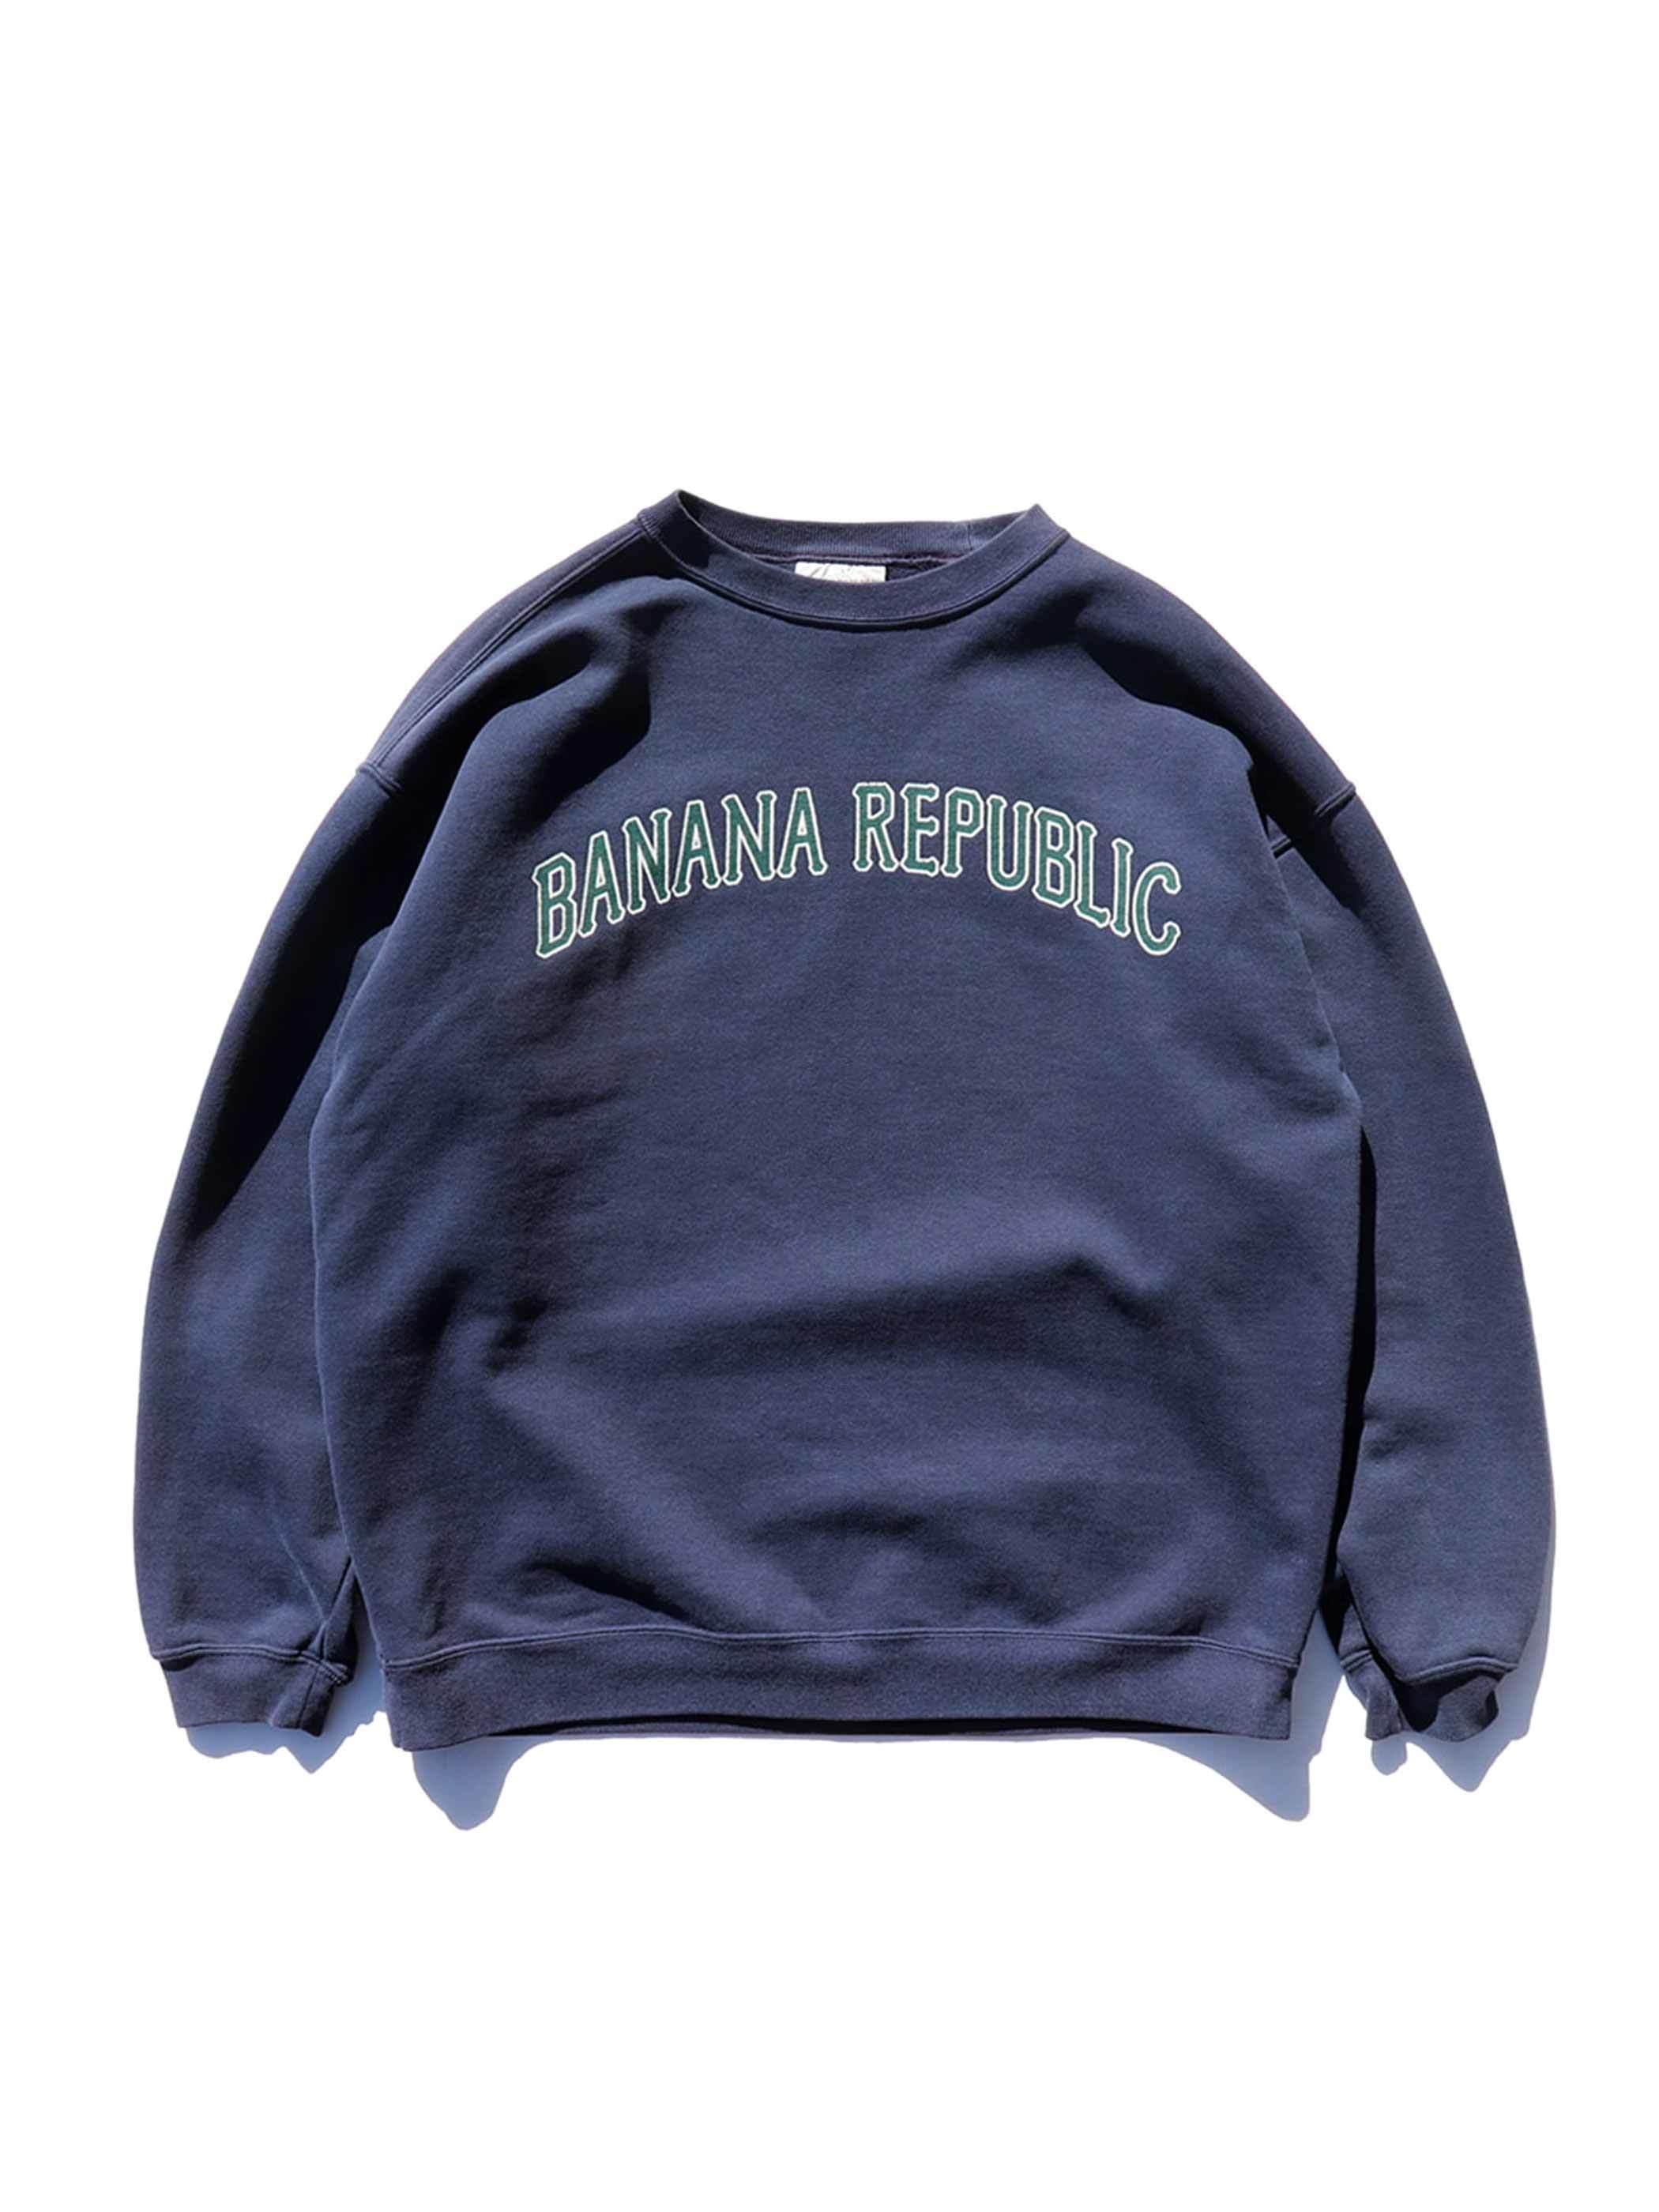 90's BANANA REPUBLIC ロゴプリント クルーネックスウェット [M]